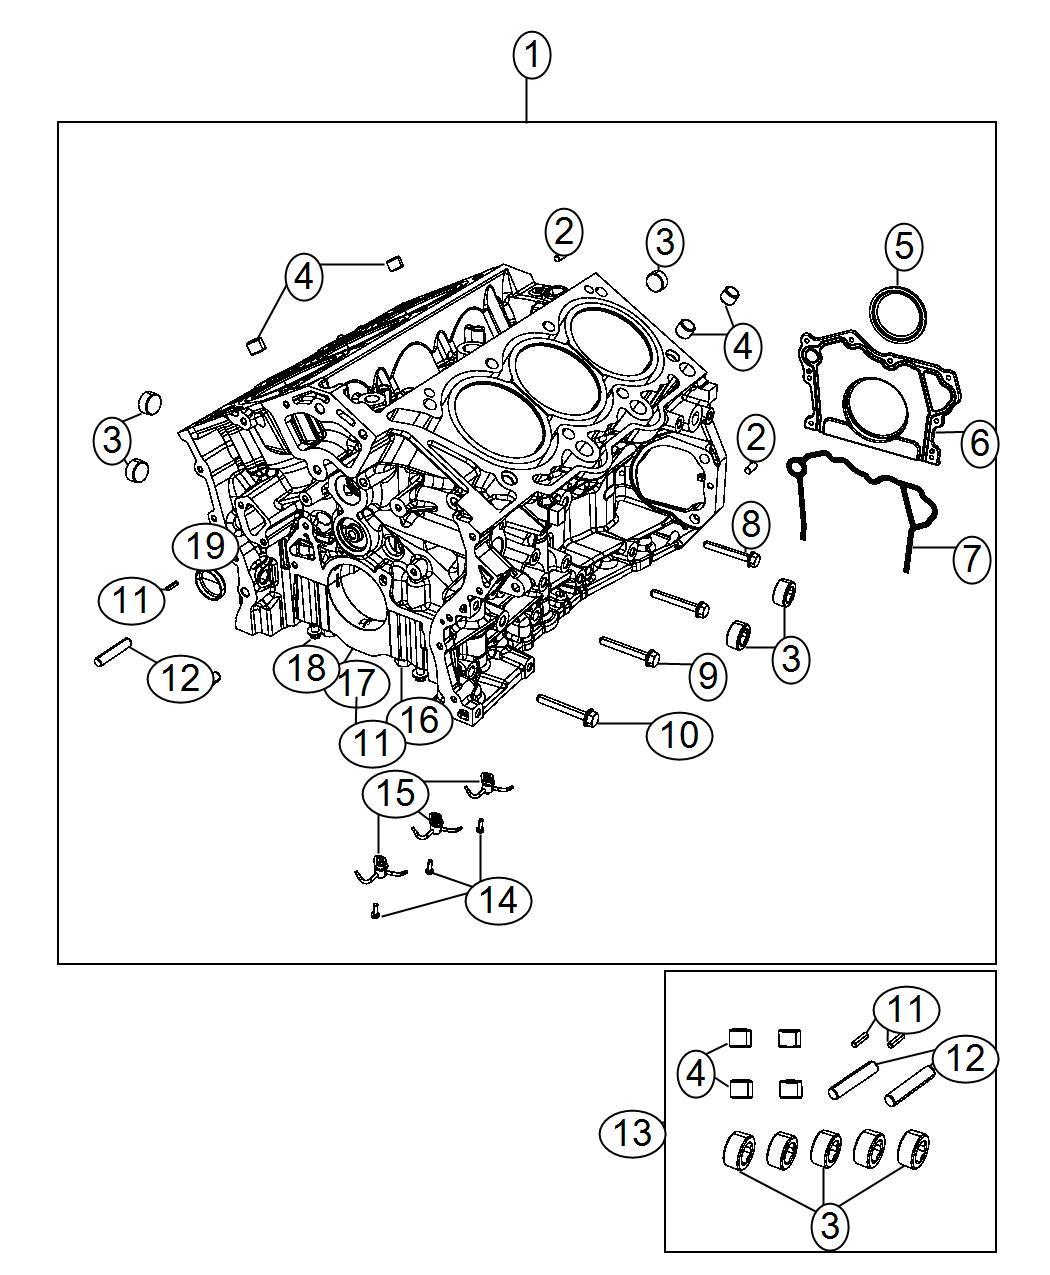 Dodge Charger Engine Kit  Short Block  Cylinder  Before